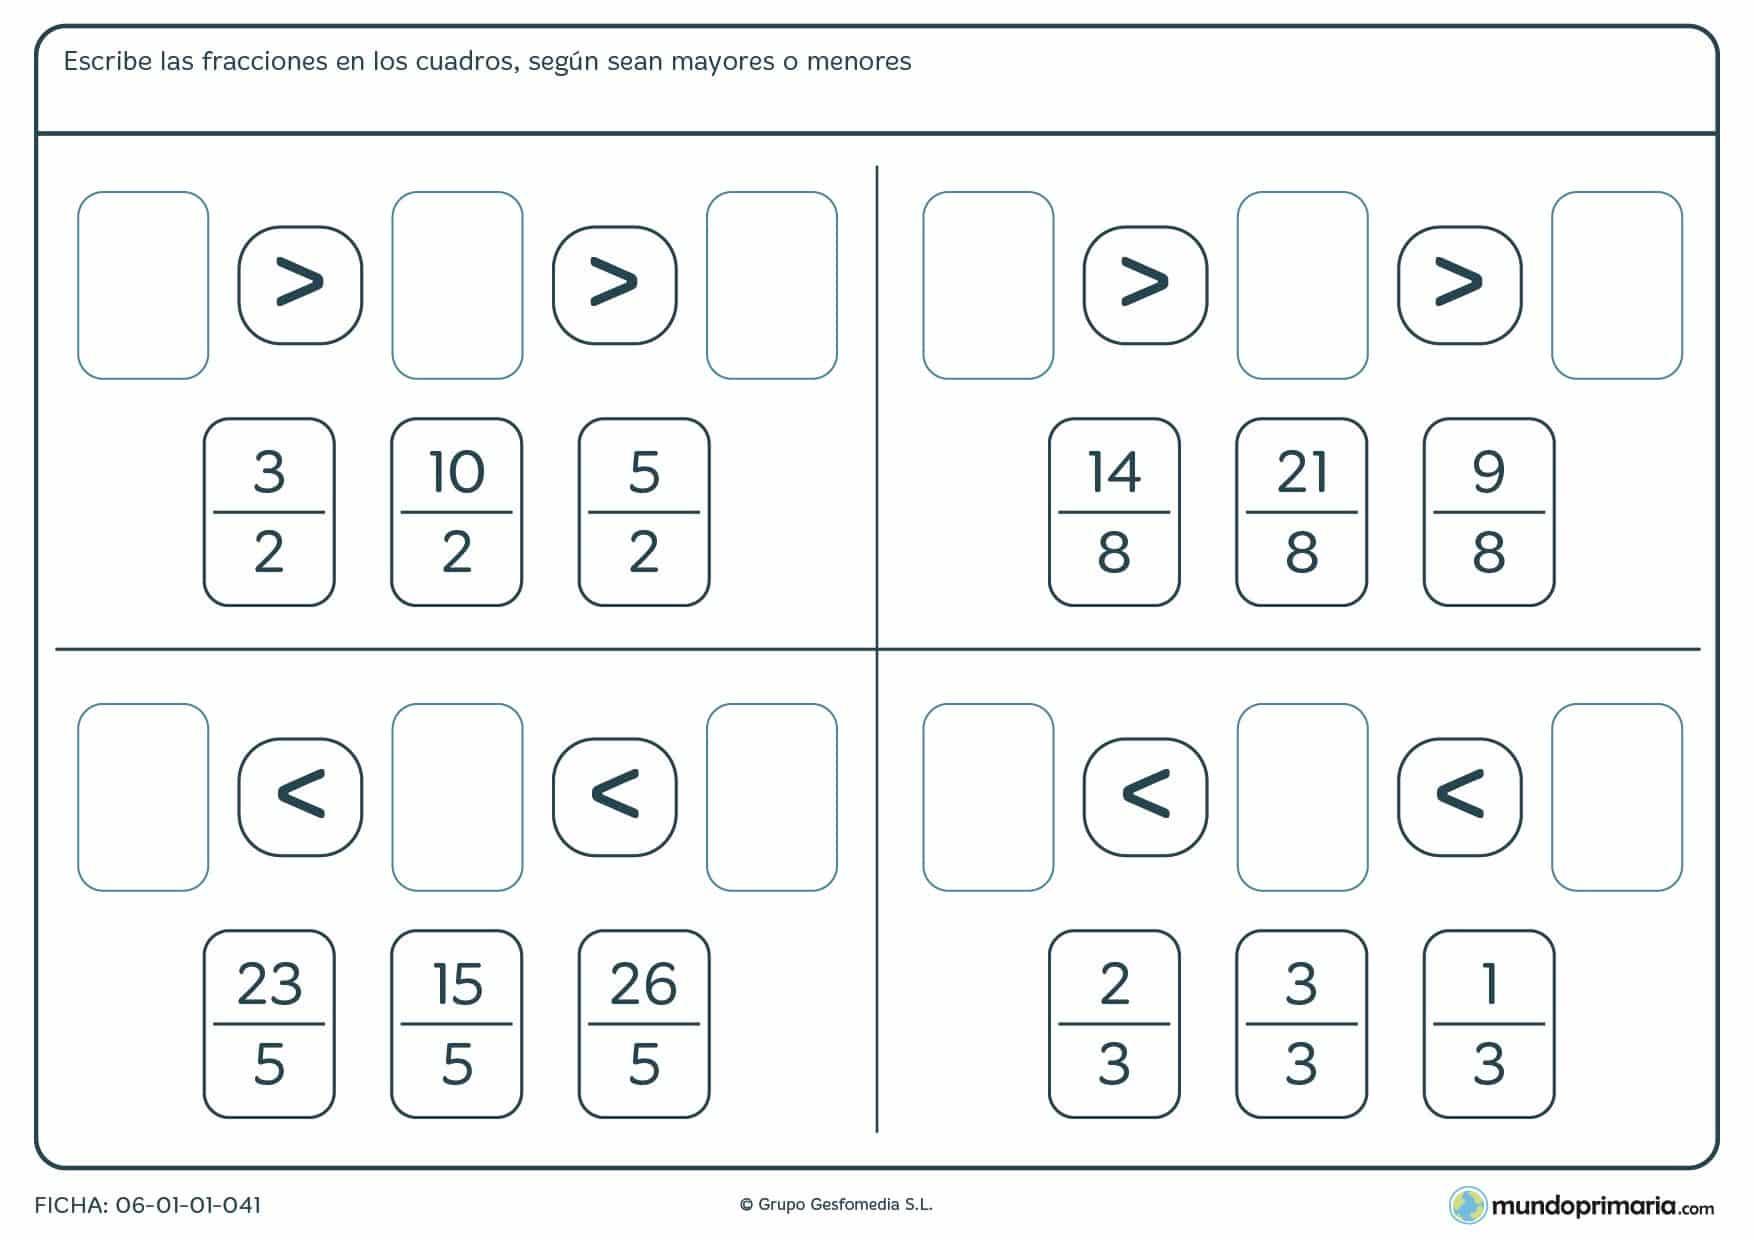 Ficha con cuatro ejercicios sobre fracciones con denominador común, las cuales hay que comparar y ordenar